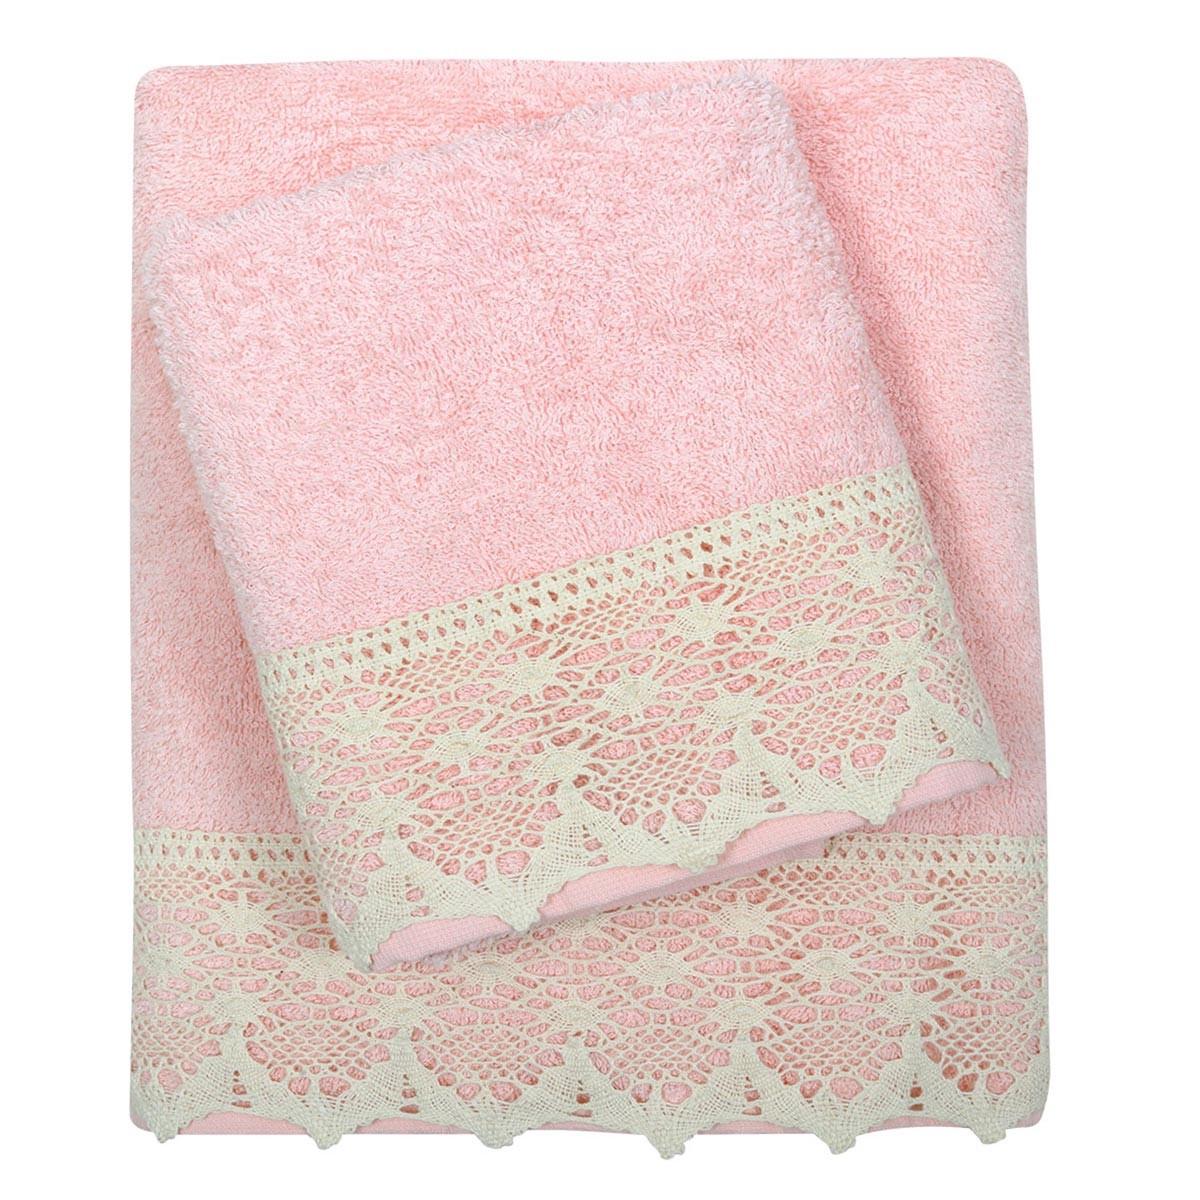 Πετσέτες Μπάνιου (Σετ 3τμχ) Das Home Daily Line 323 66980